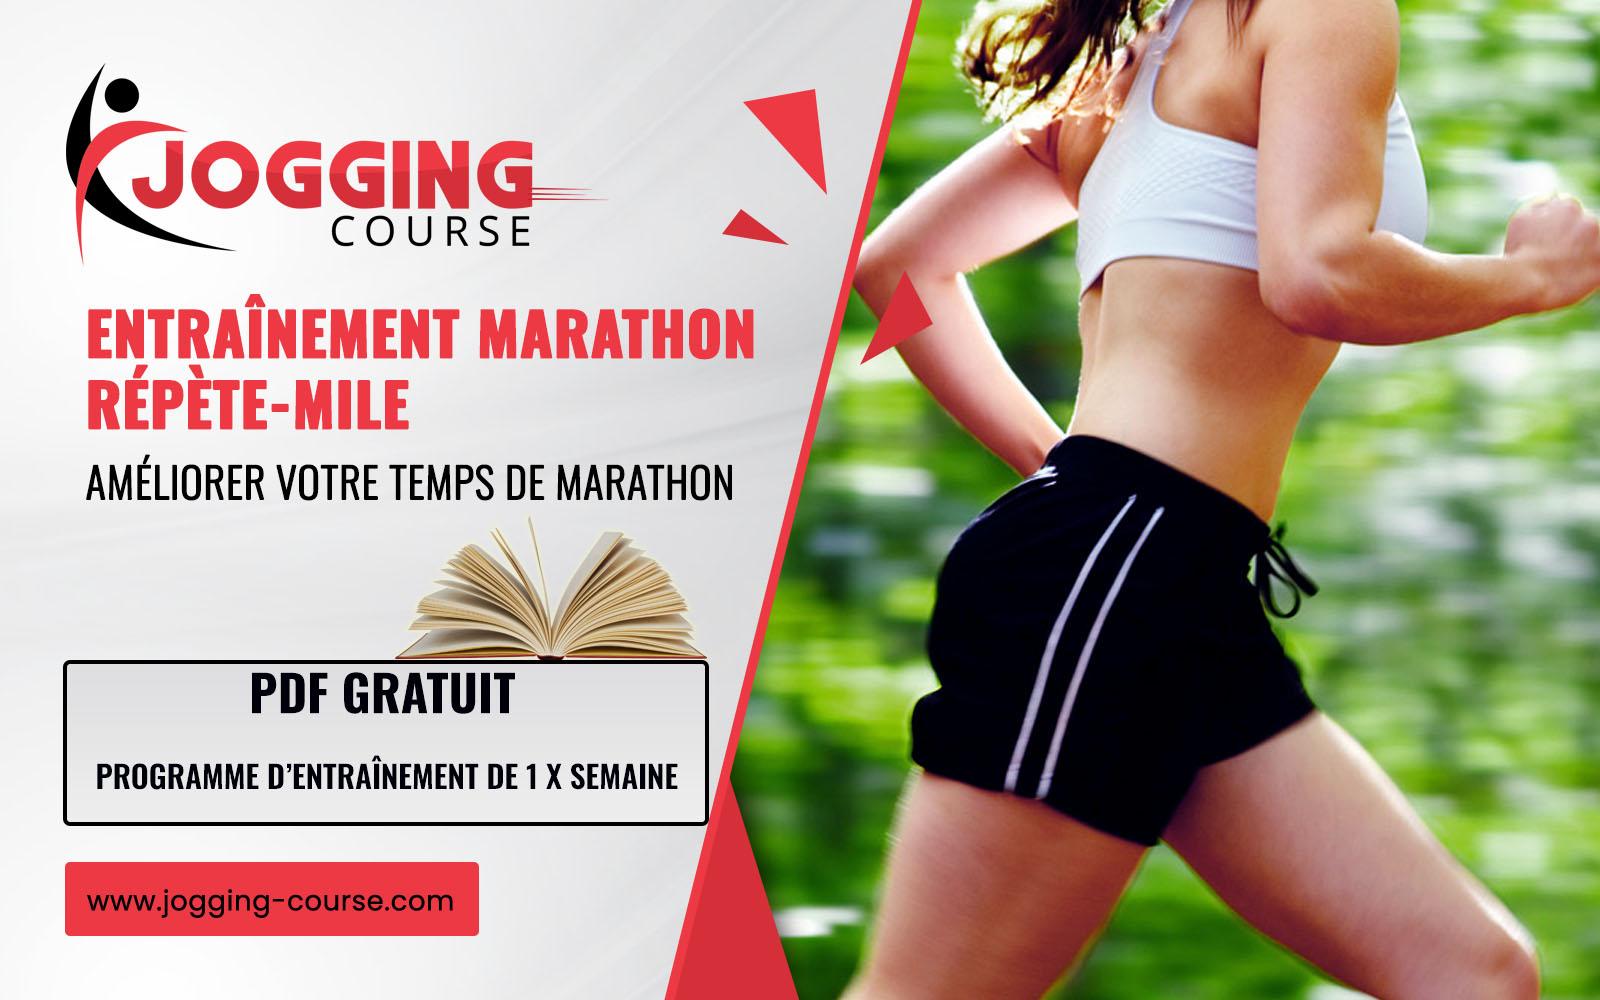 Entraînement marathon répète-mile